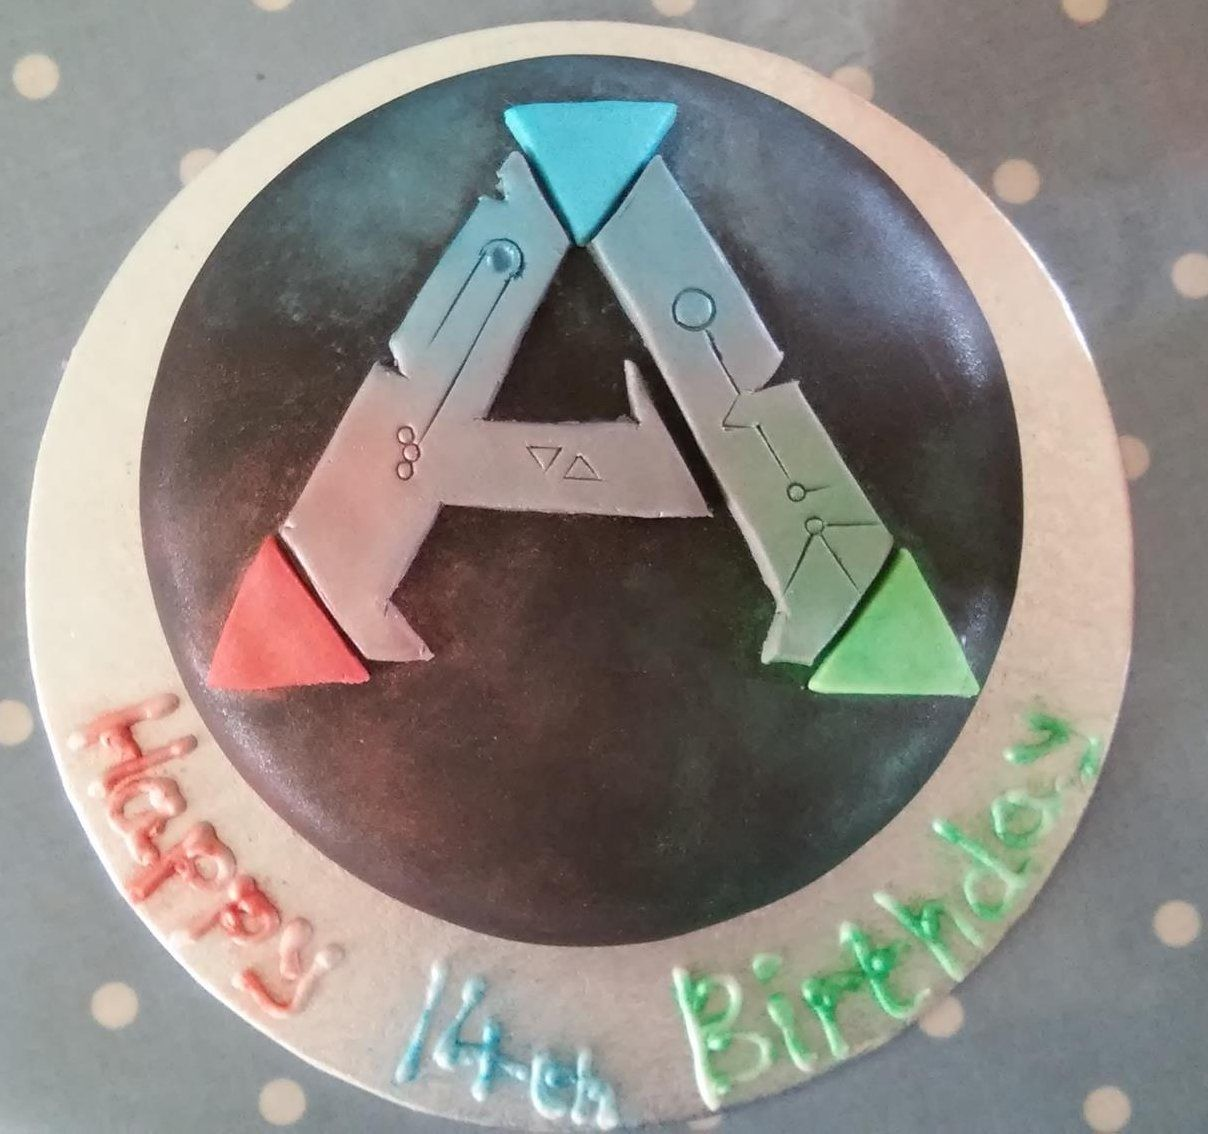 Ark survival evolved birthday cake Ark survival evolved